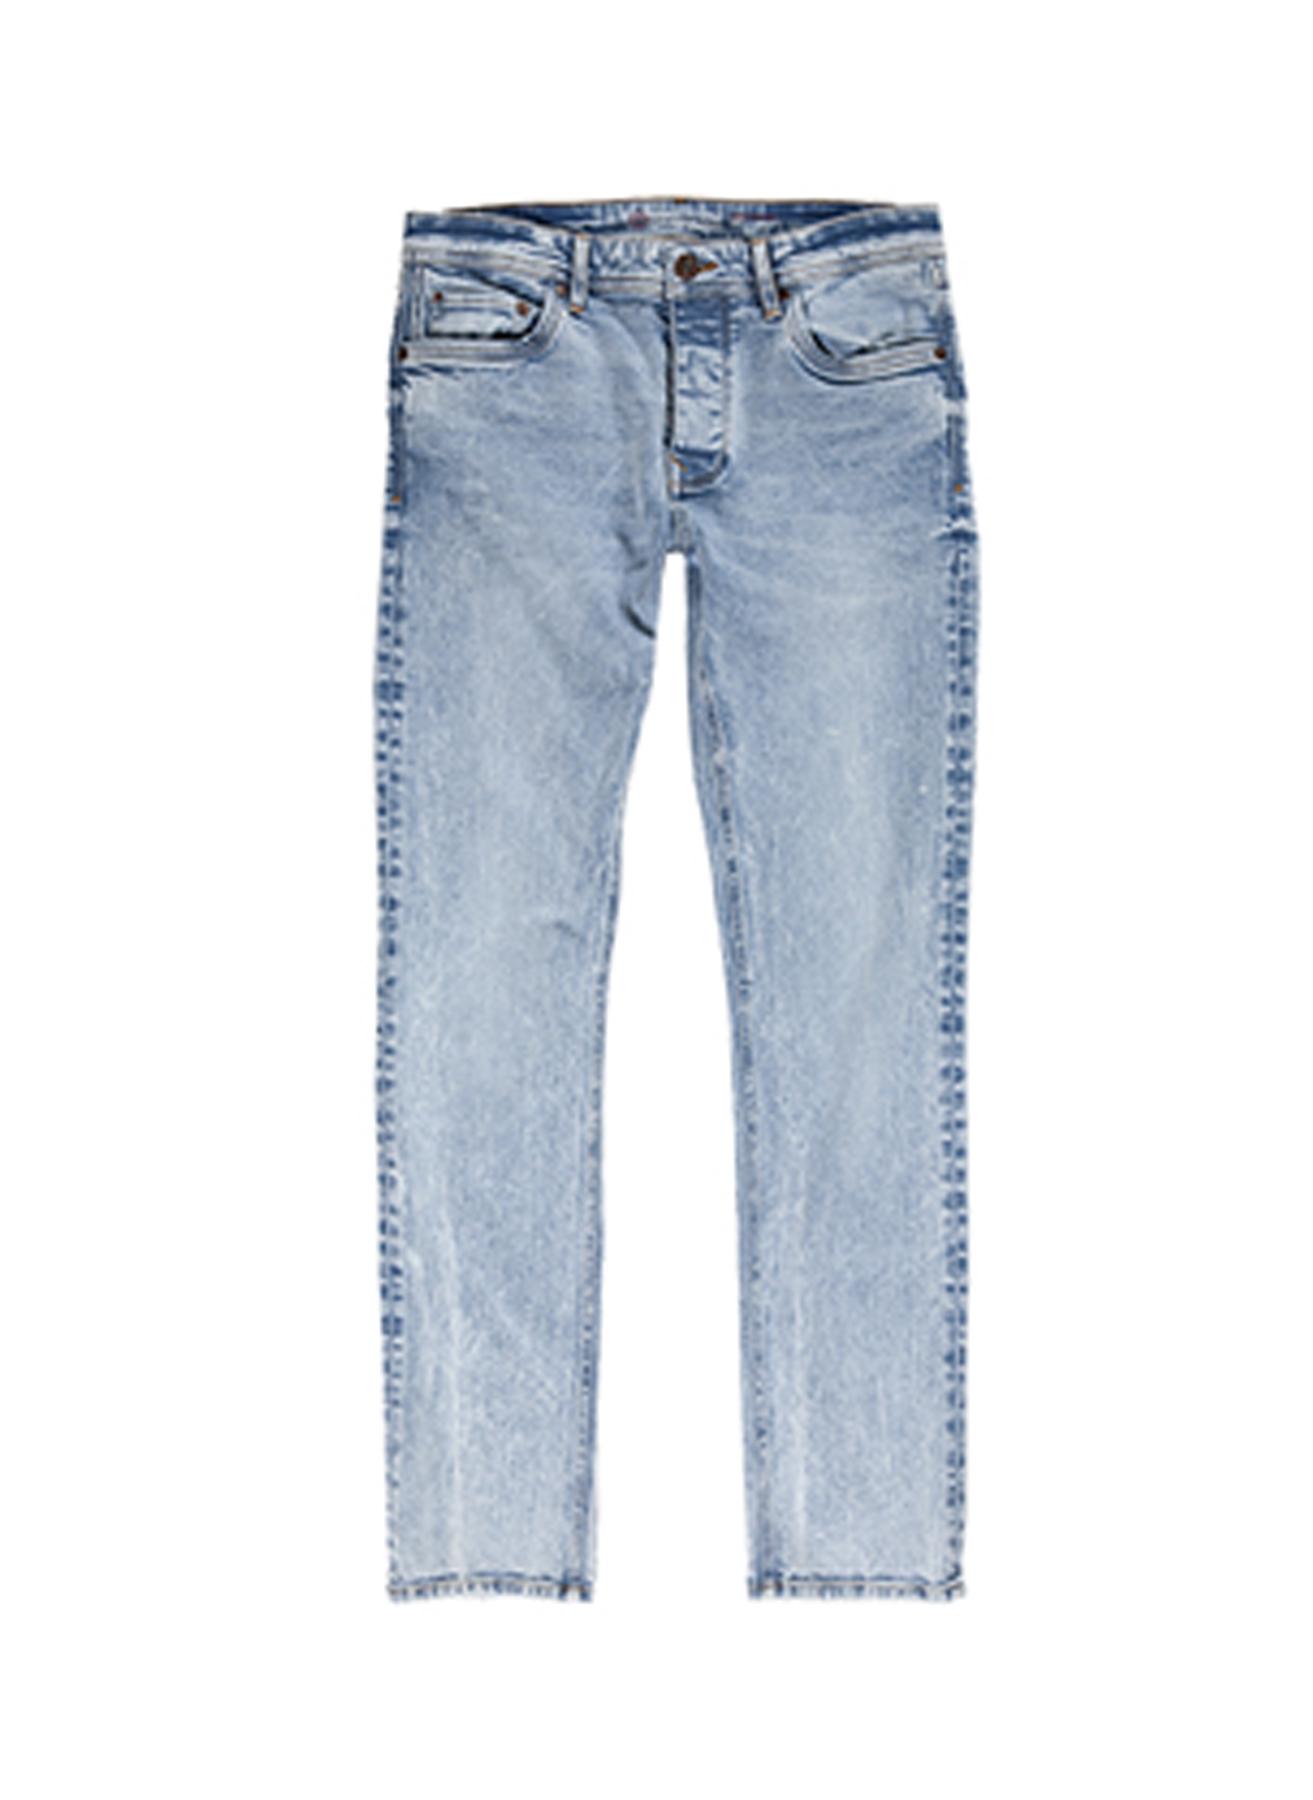 Loft Düşük Bel Buz Mavisi Klasik Pantolon 36-34 5000201987017 Ürün Resmi